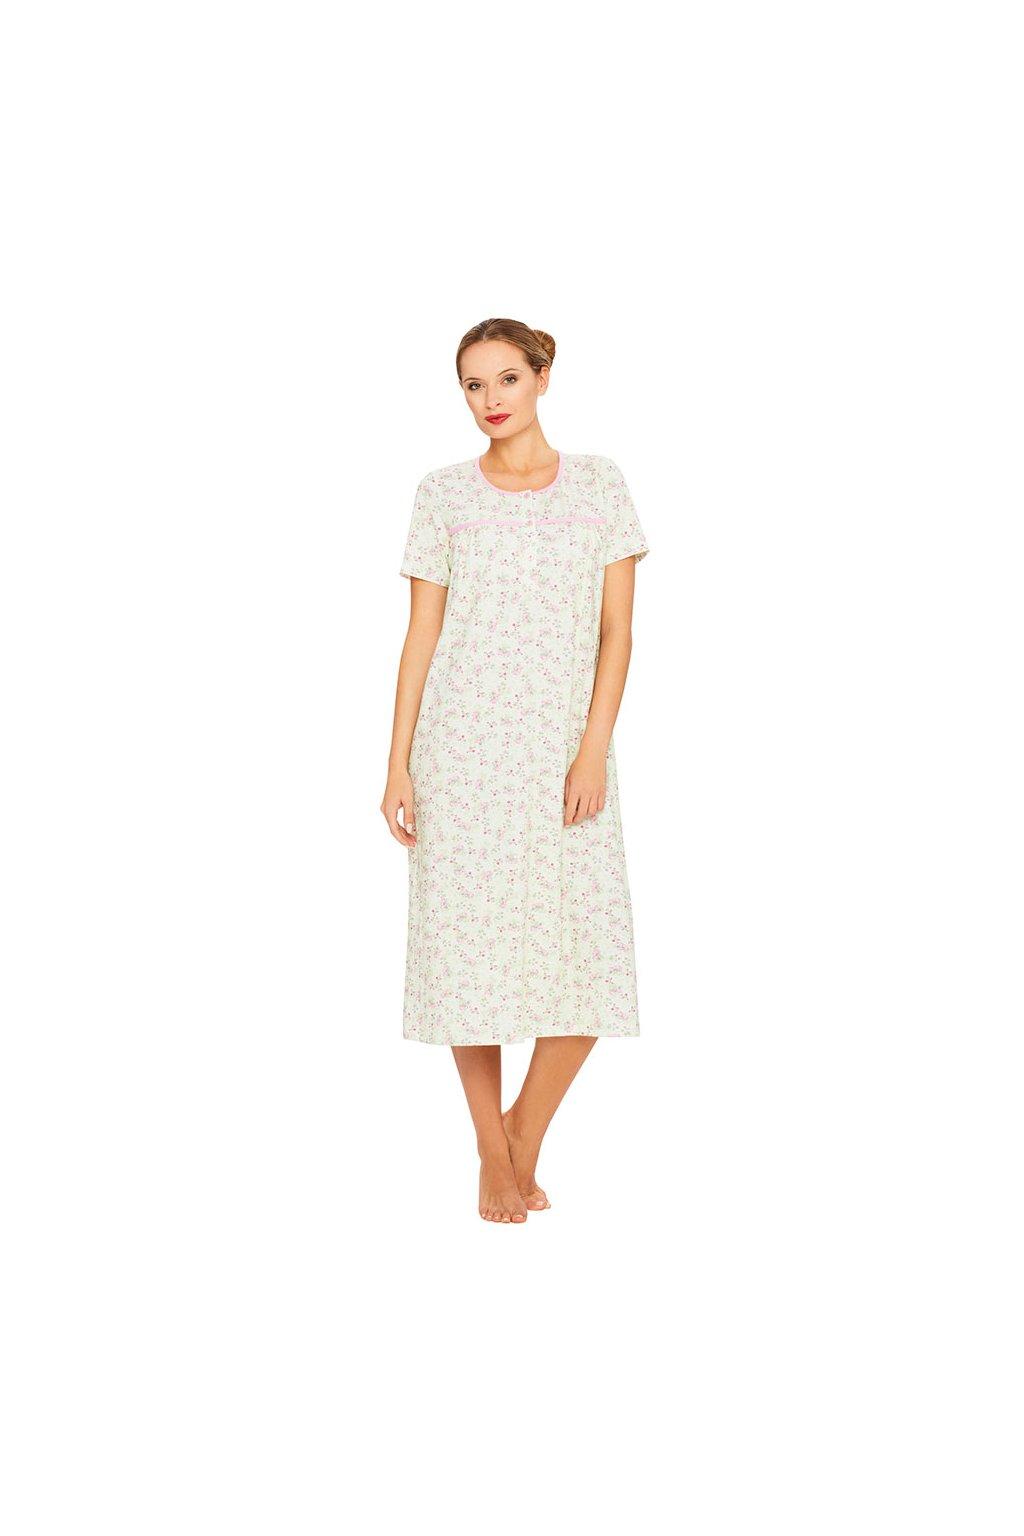 Dámská noční košile s krátkým rukávem, 104372 8, růžová